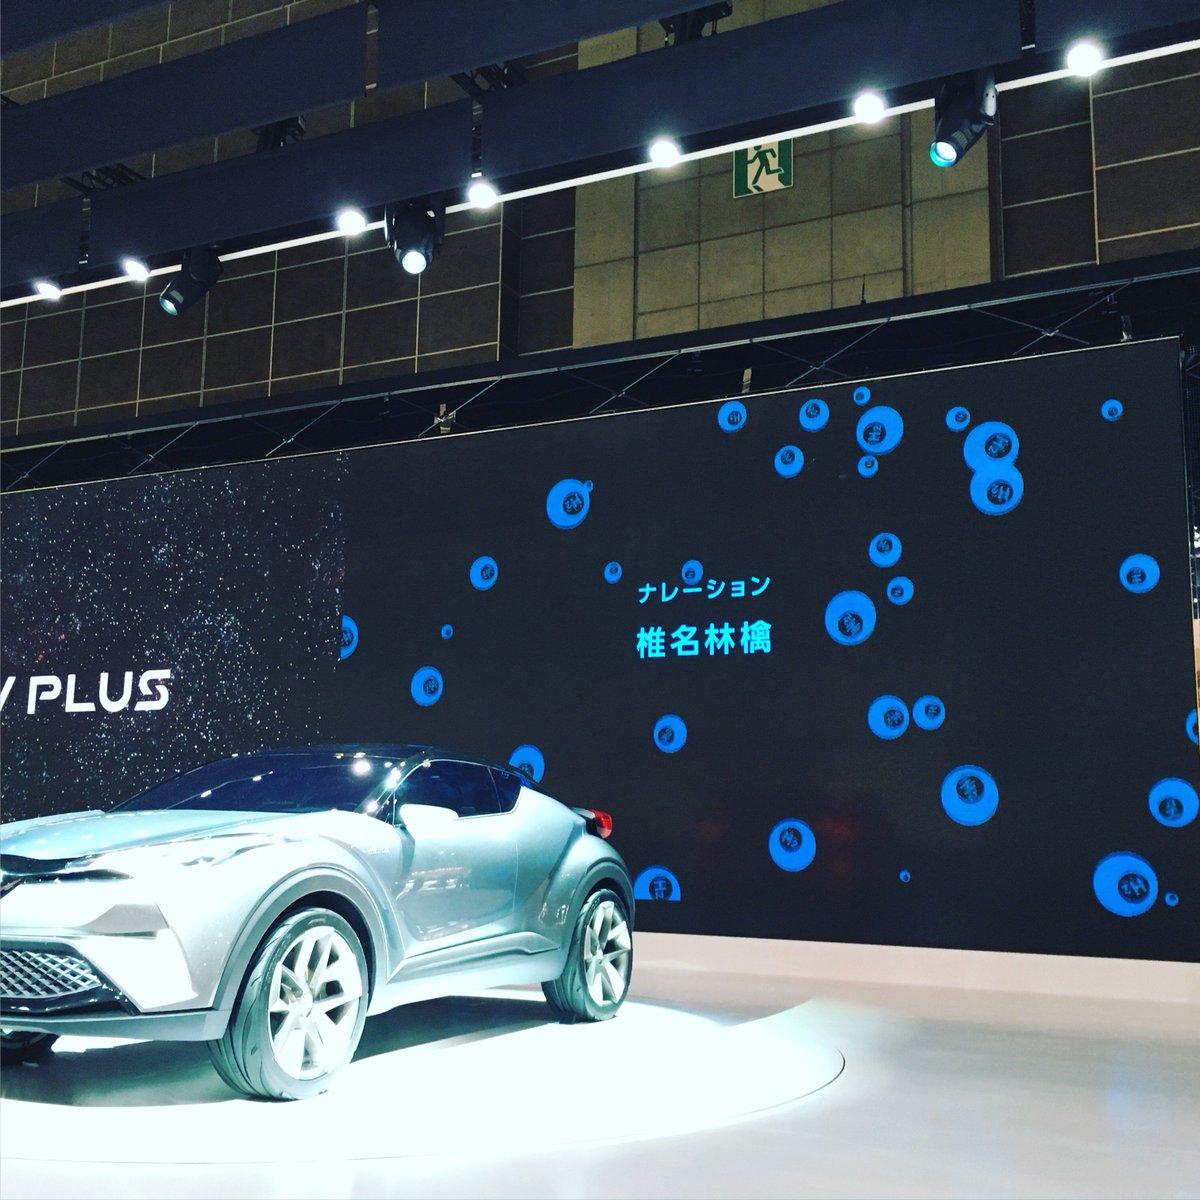 あ、この祝日に東京モーターショーへ行かれる方、TOYOTAの水素社会とFCVプラス(近未来燃料電池車)のプレゼン映像、ナレーションは何気にこの方です。8日まで。 https://t.co/c9agfs9dD0